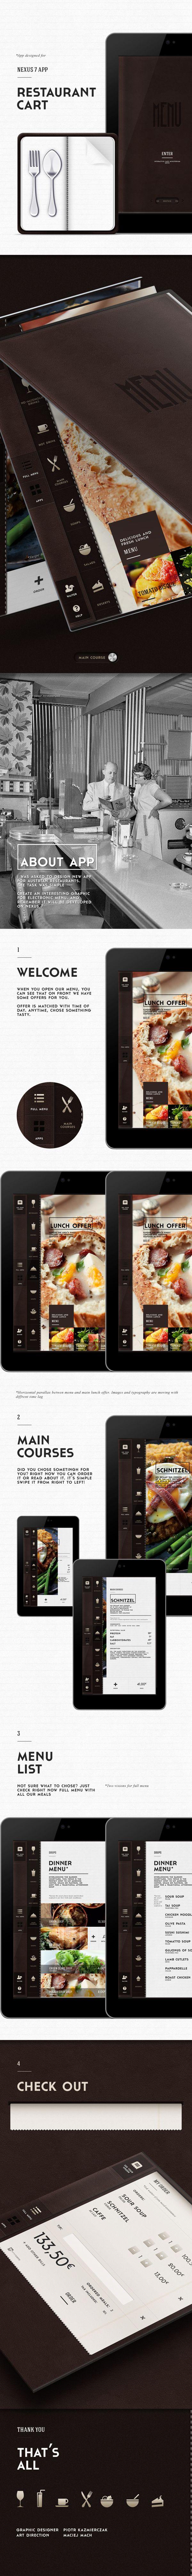 Restaurant App / MyntCart by Piotr Kazmierczak, via Behance